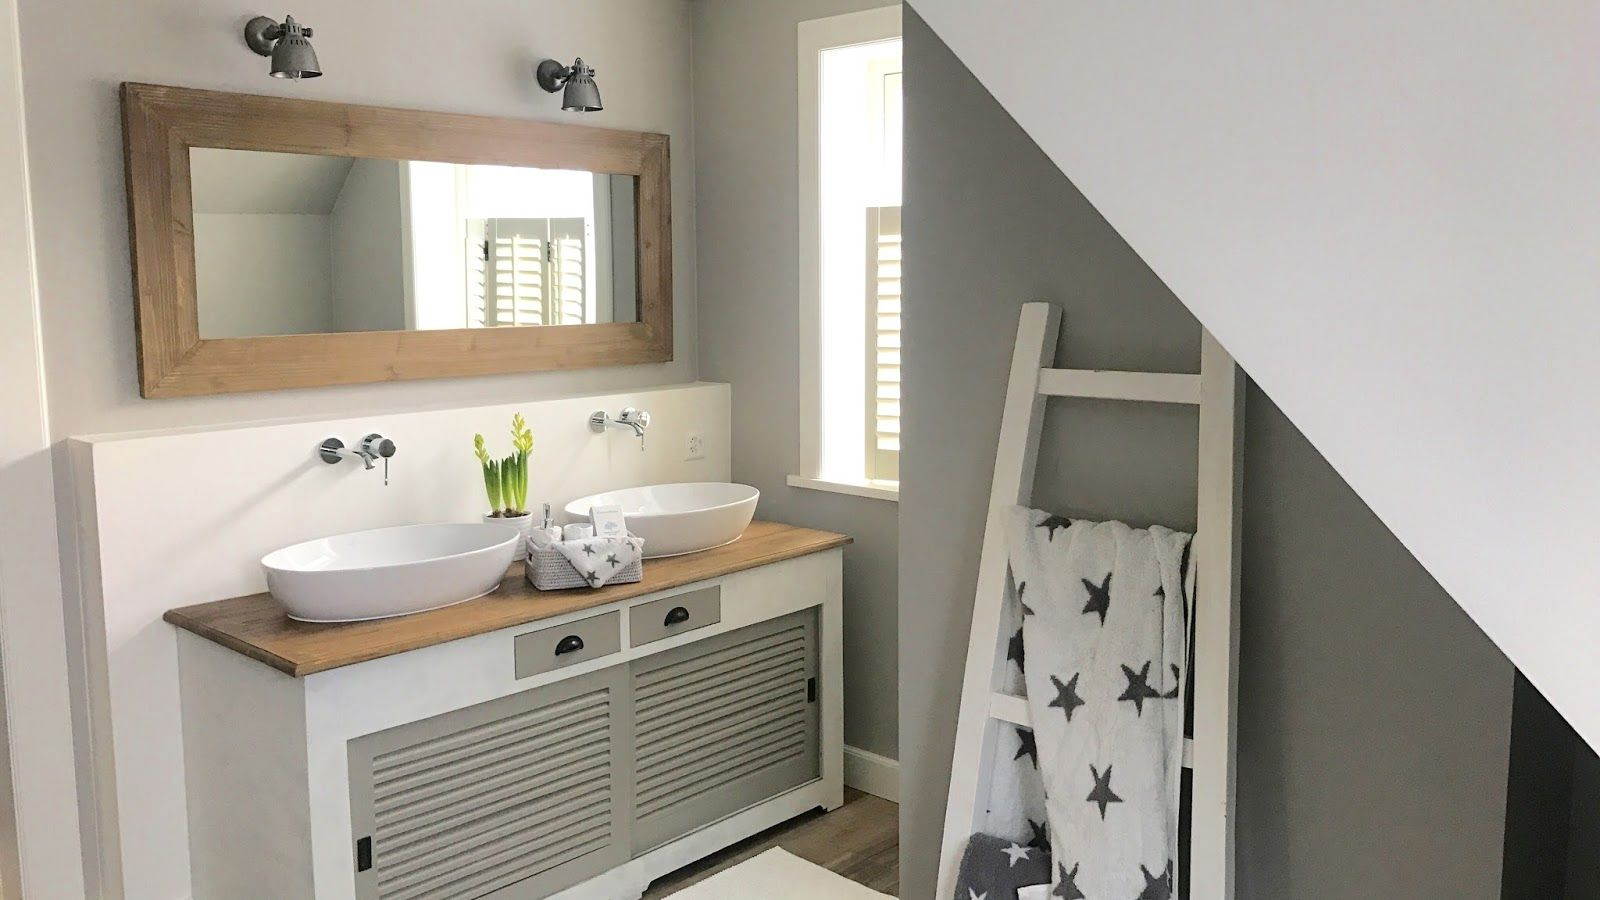 Badezimmer Fliesen Landhausstil Badezimmer Waschtisch Rustikal